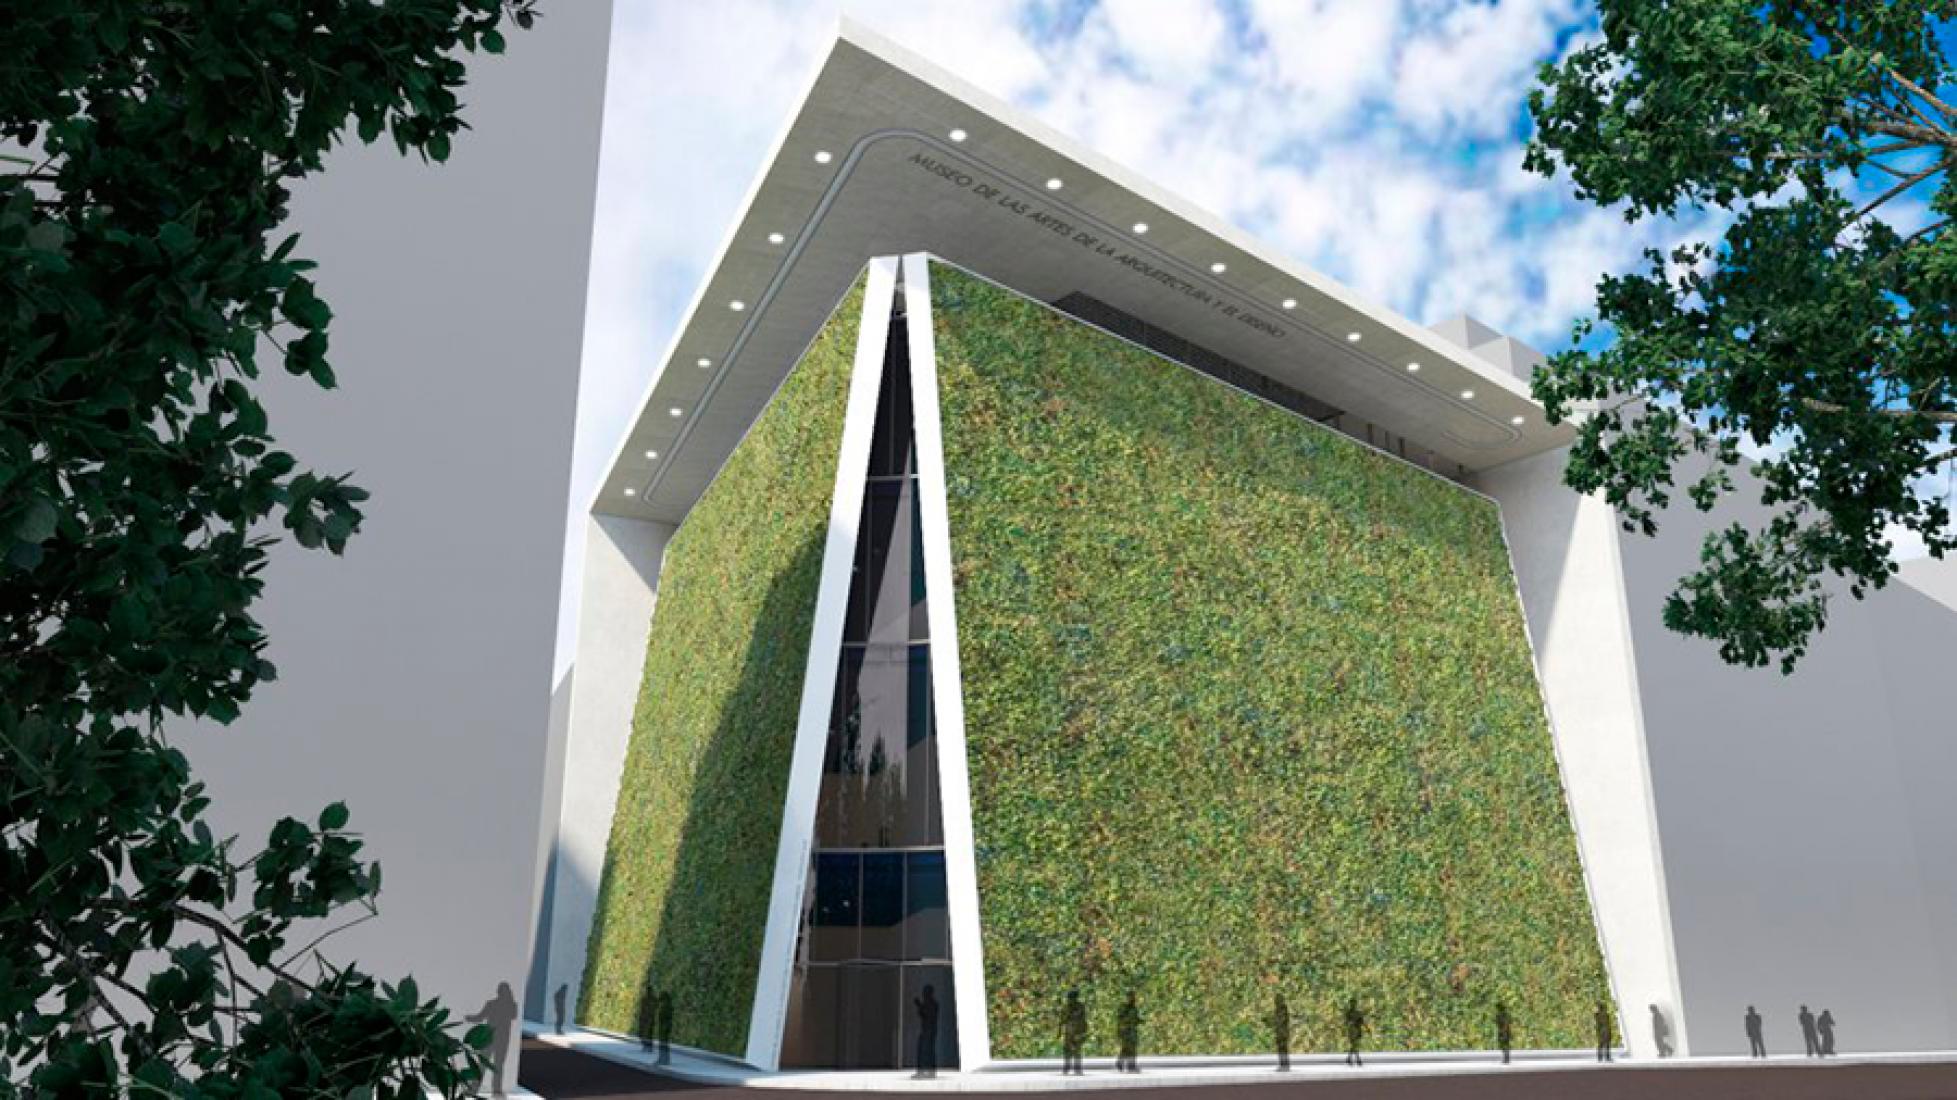 Proyección del Museo de las Artes de la Arquitectura, Diseño y Urbanismo en el paseo del Prado, diseñado por Emilio Ambasz. Imagen vía El País.